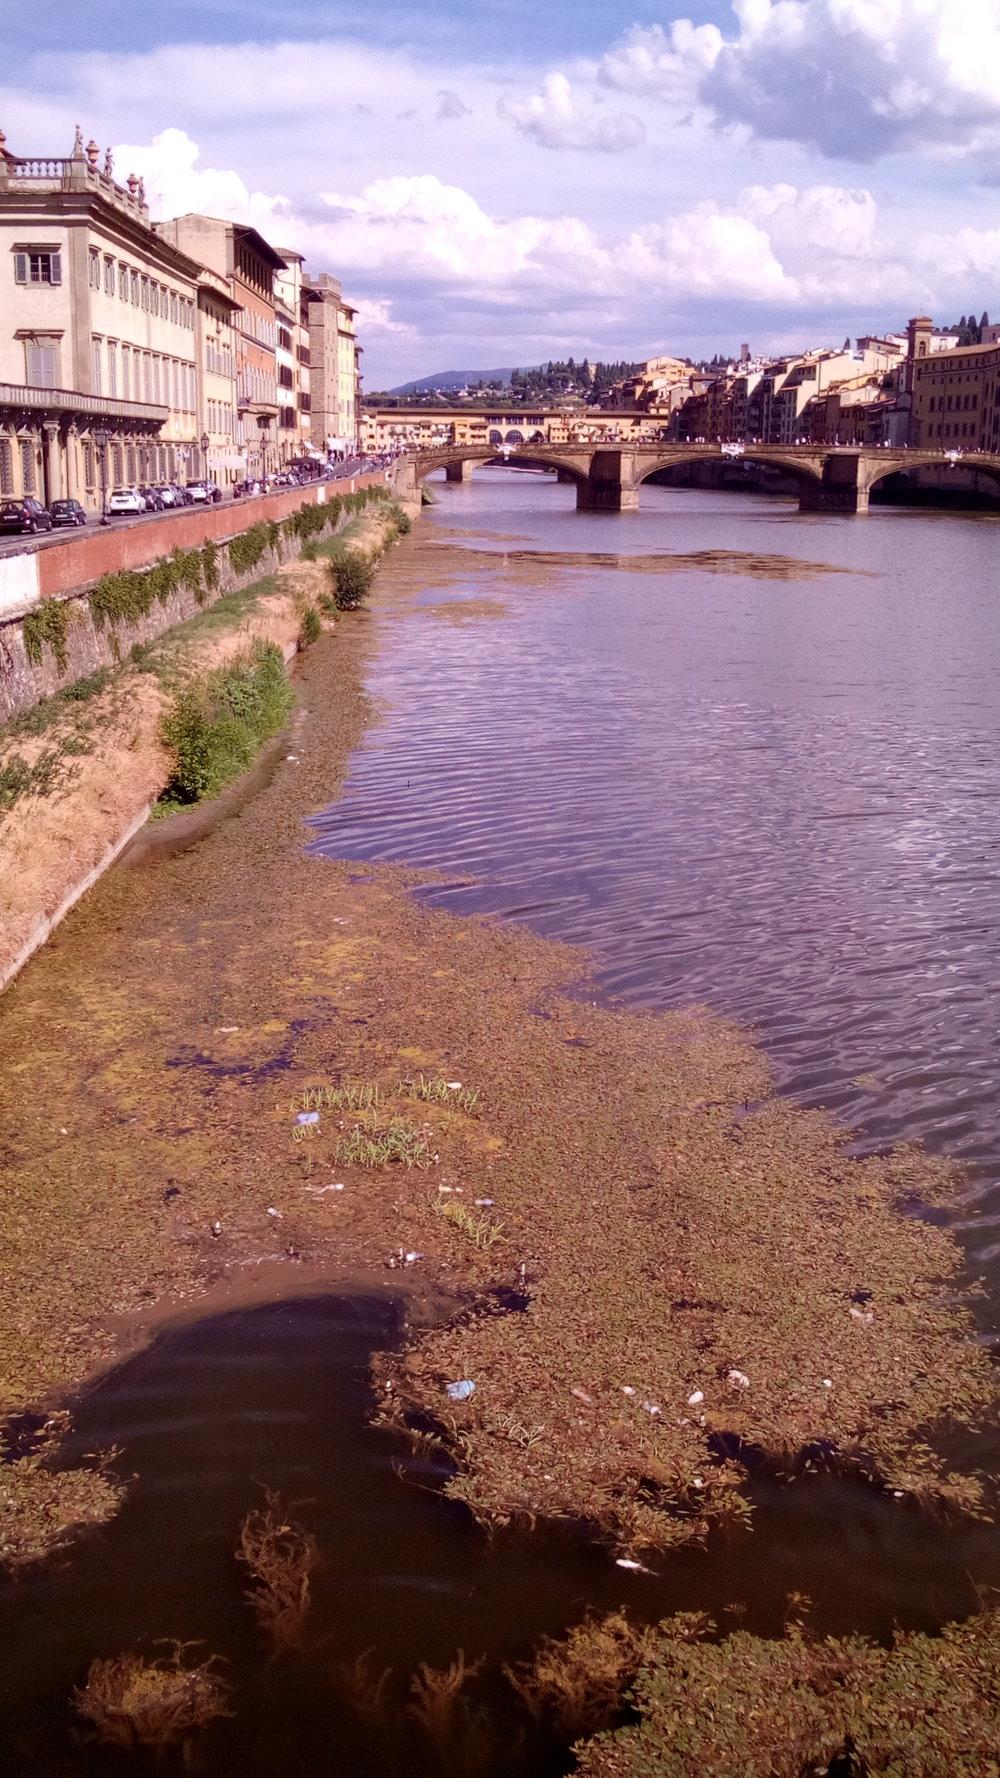 The Arno river in between Ponte alla Carraia and Ponte Vecchio. Photo by Luna Sarti.